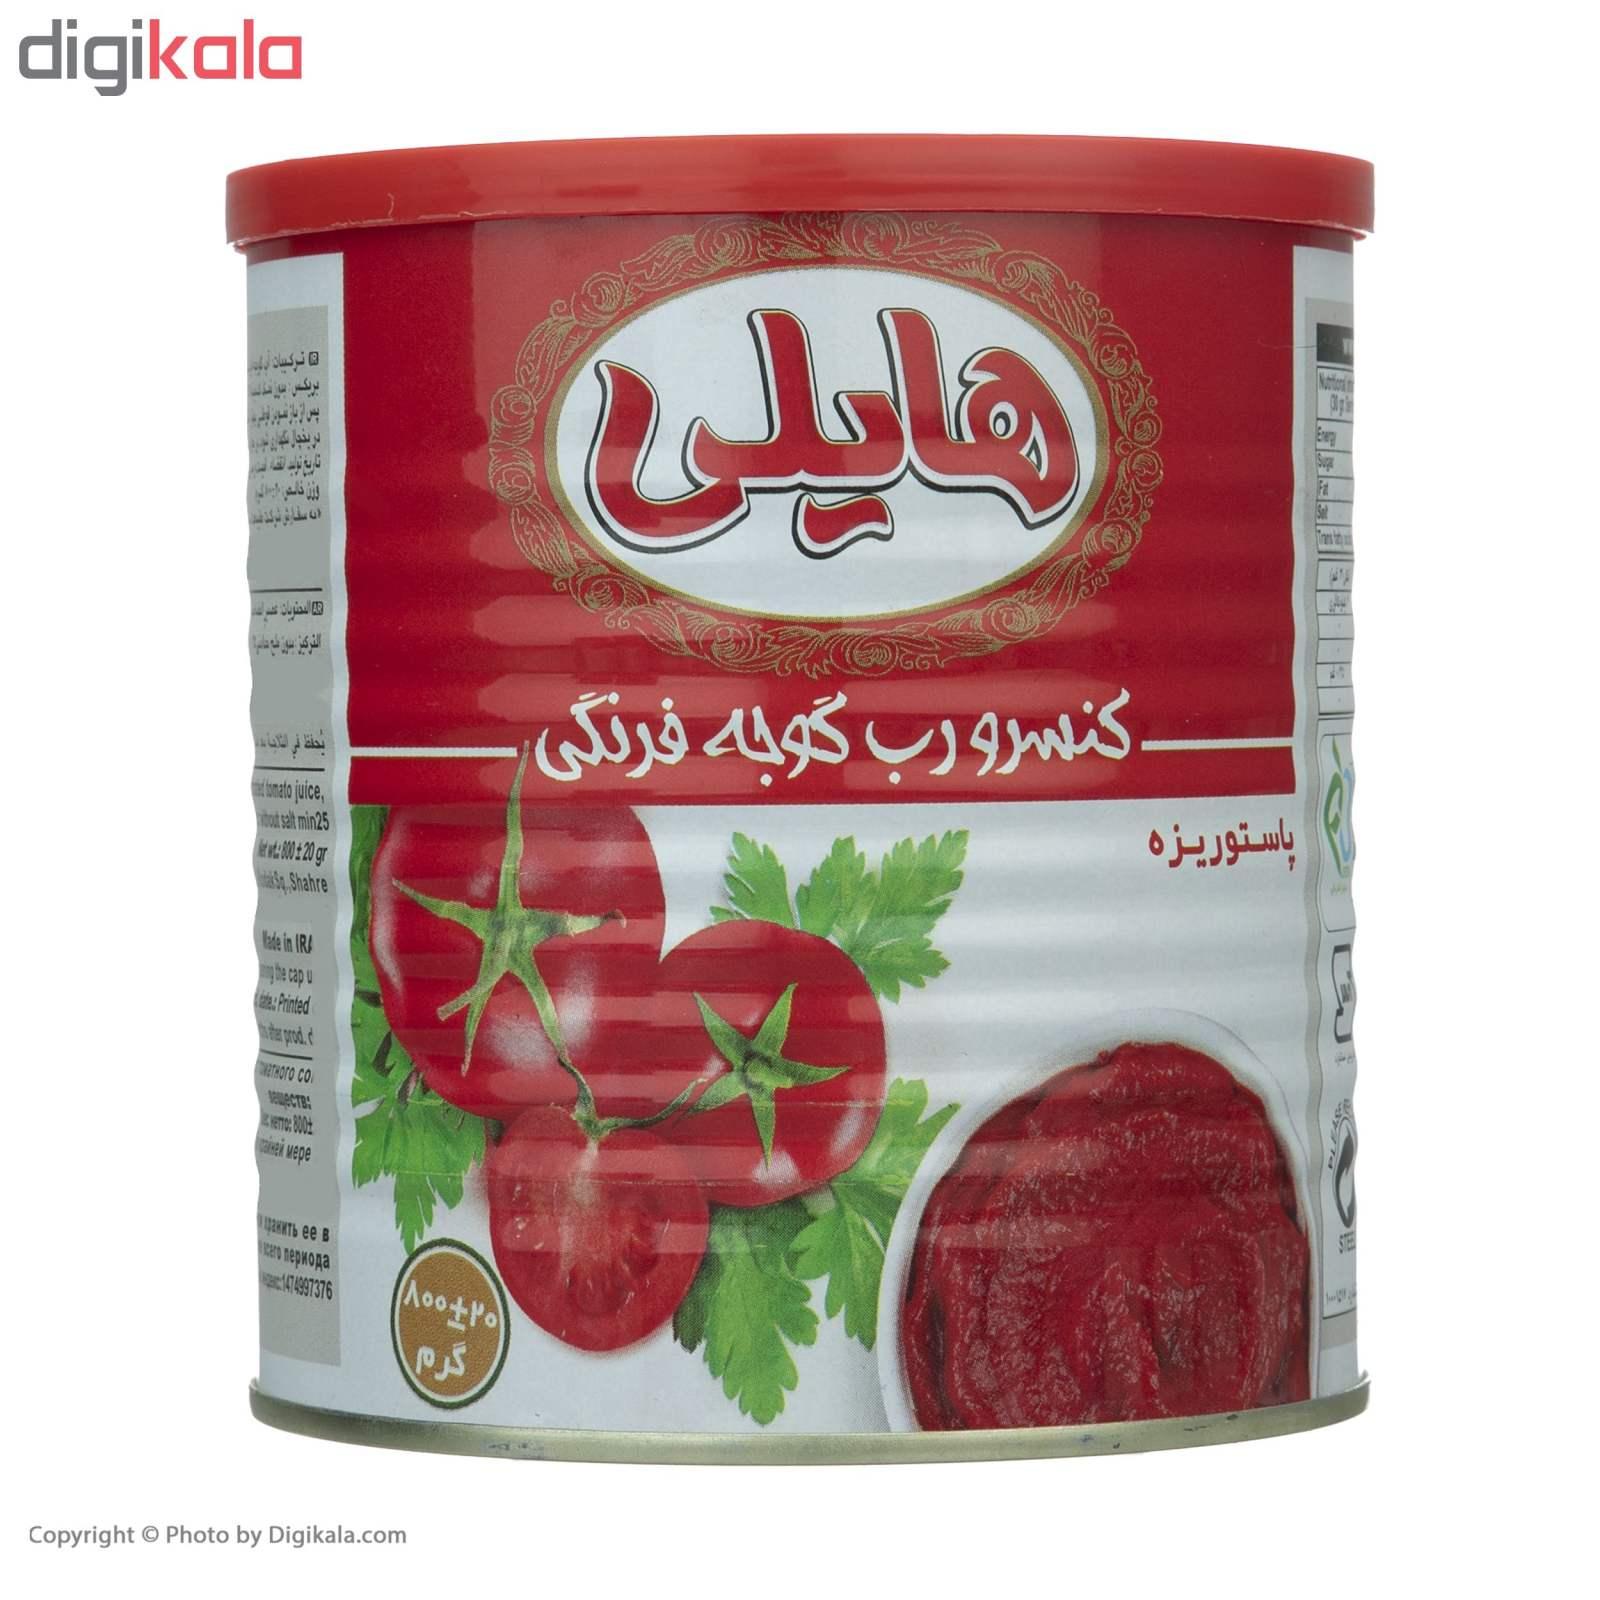 رب گوجه فرنگی هایلی - 800 گرم main 1 1